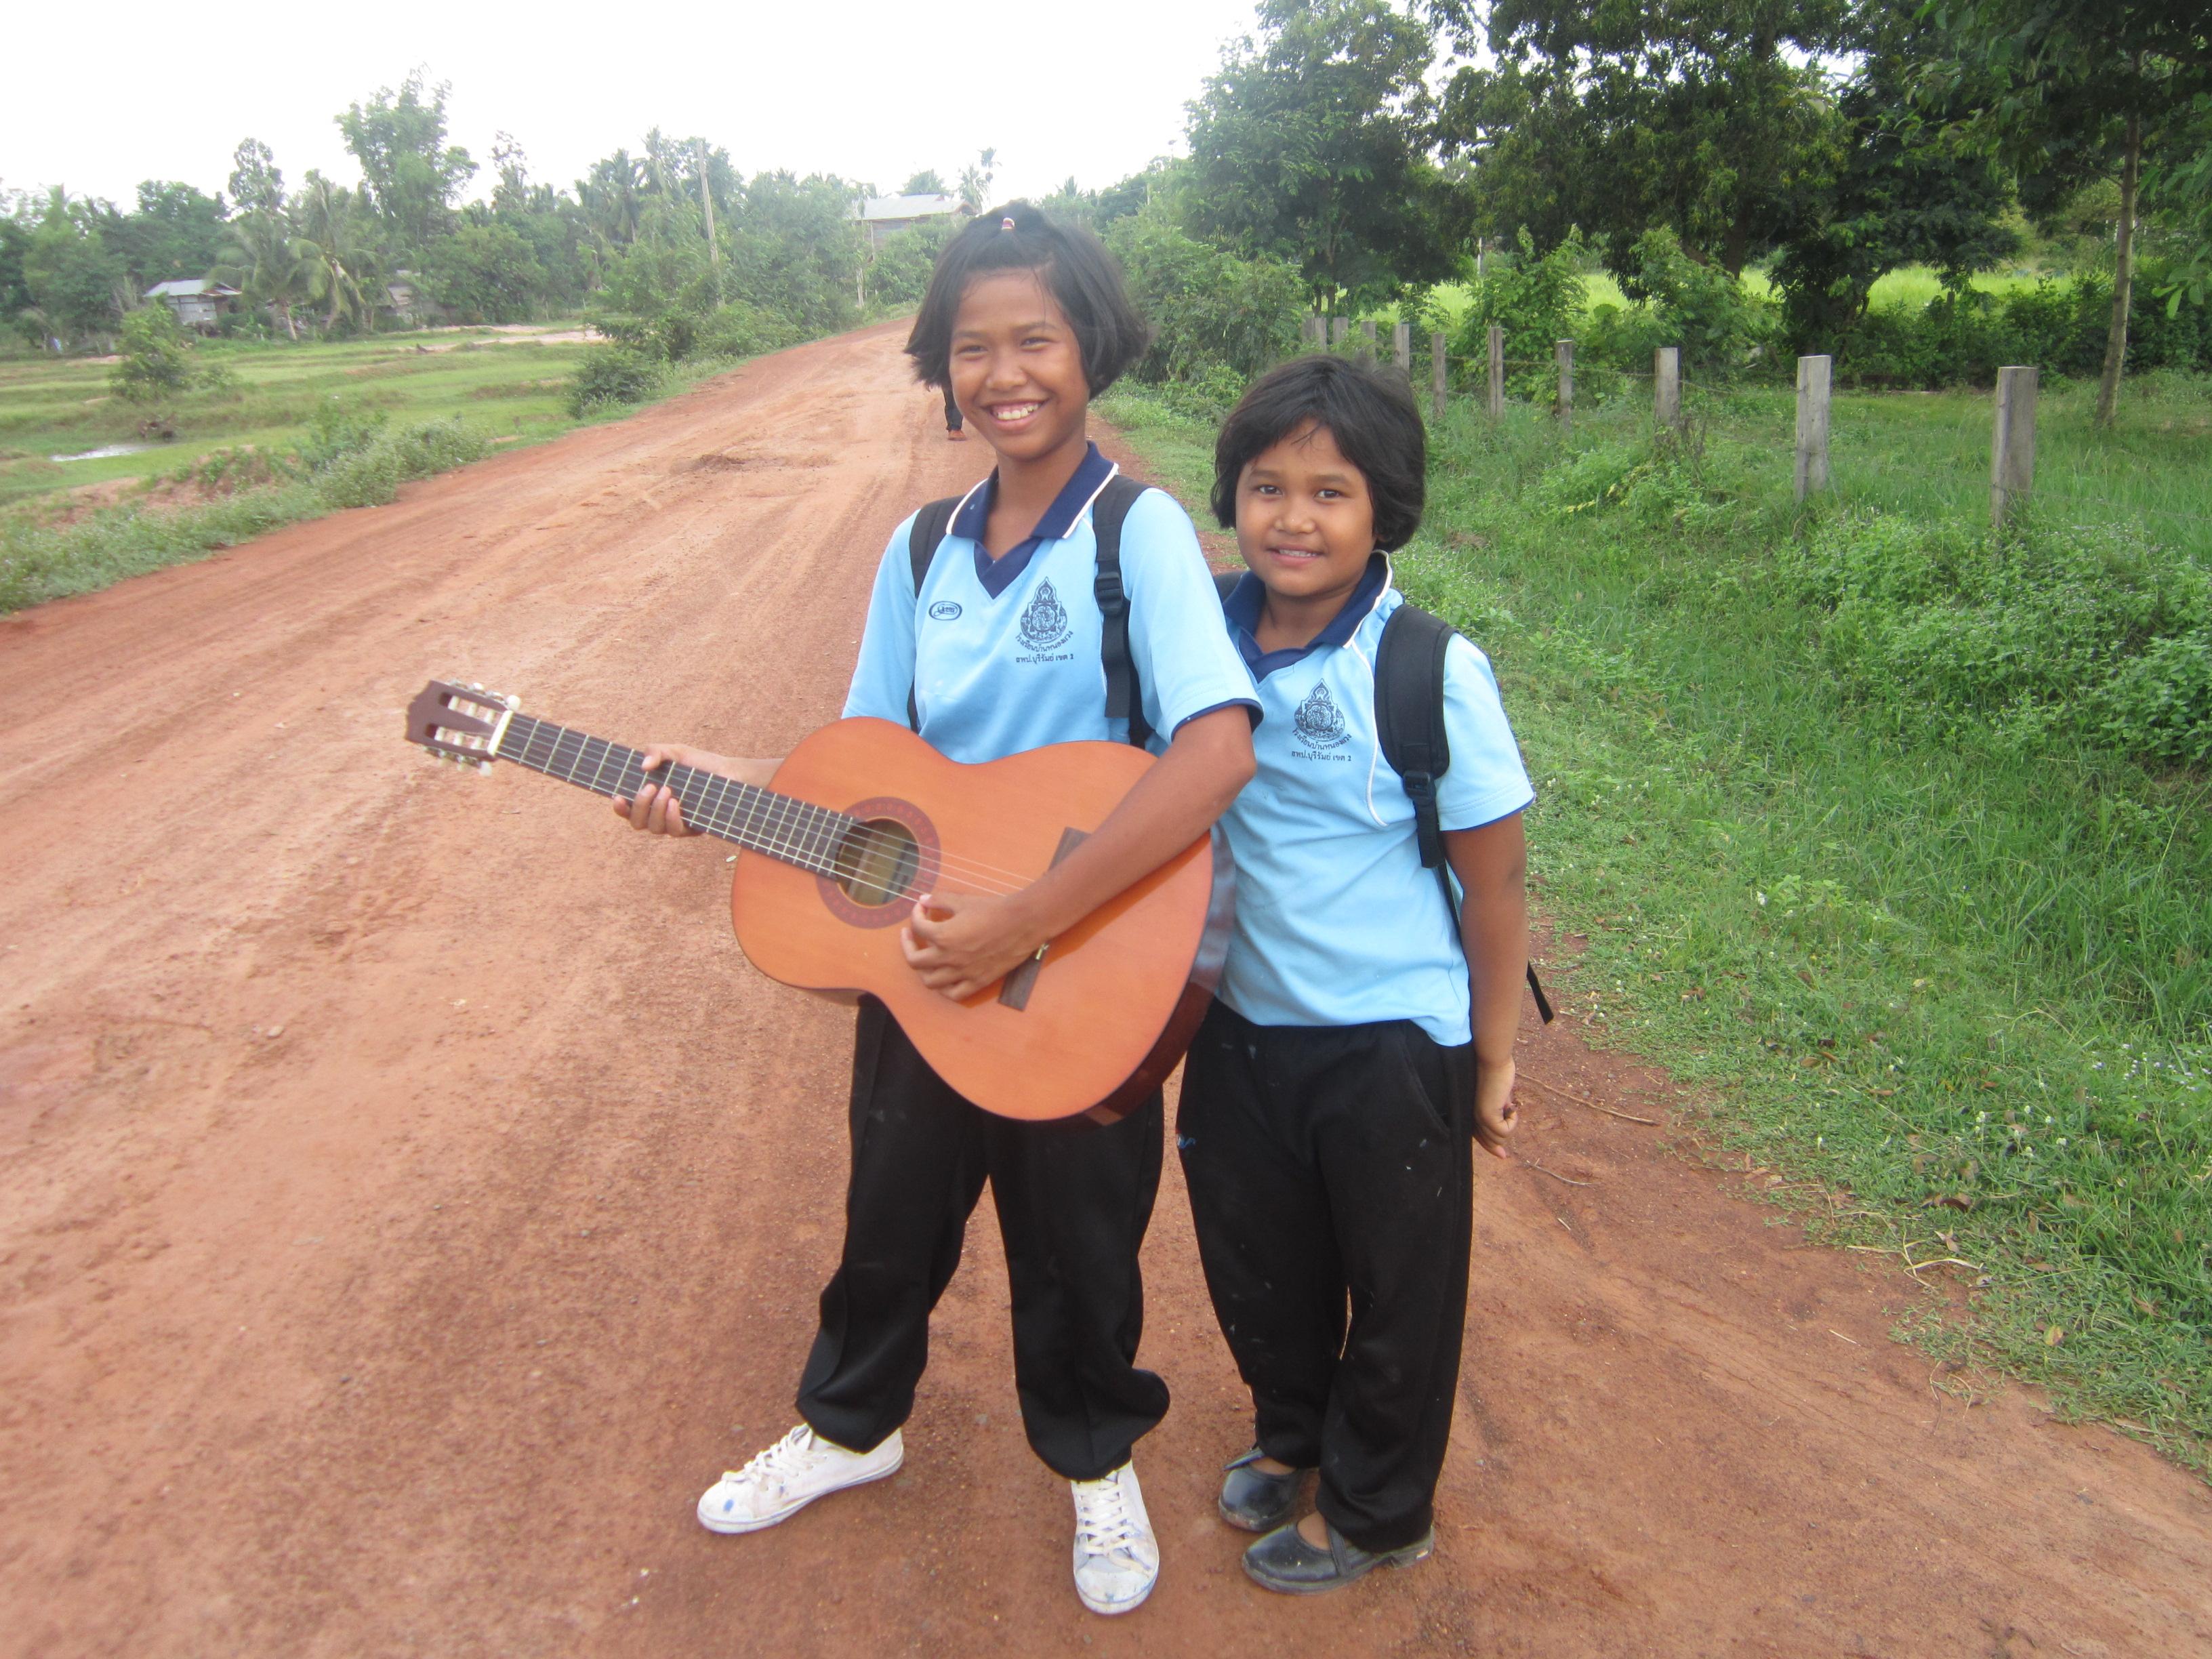 School children in Nong Weang, Thailand